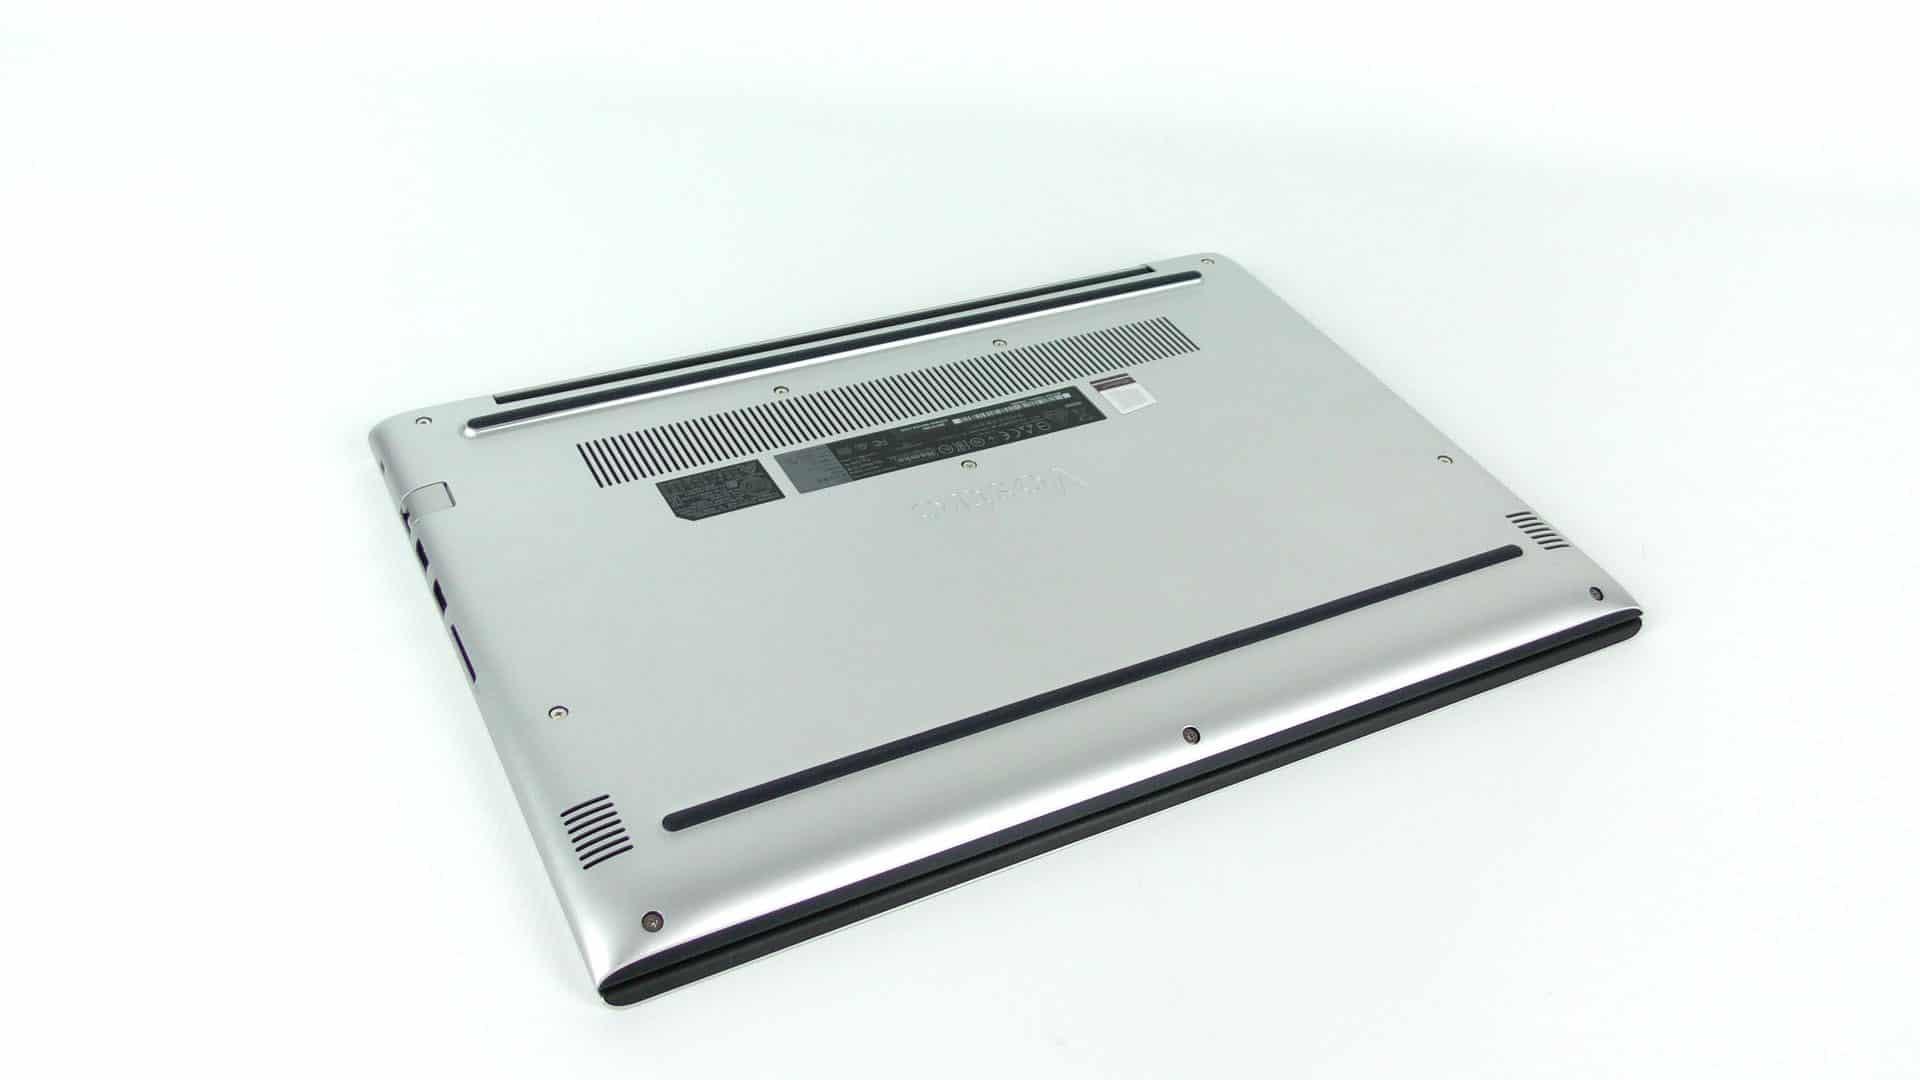 Dell Vostro 5471 - spód notebooka